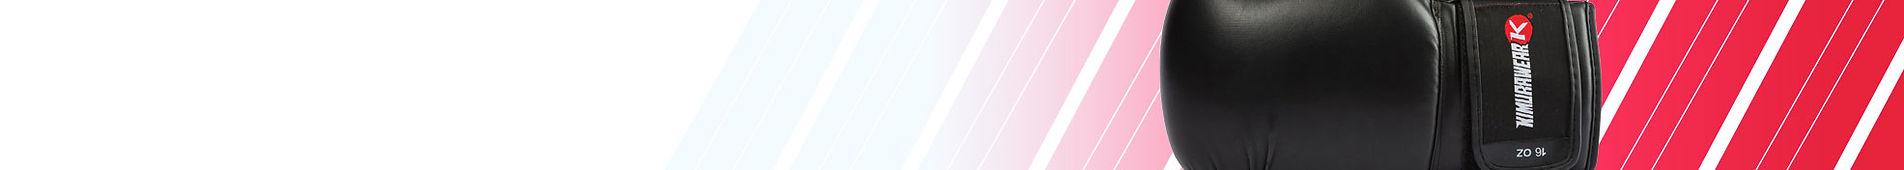 Genesis-Banner.jpg